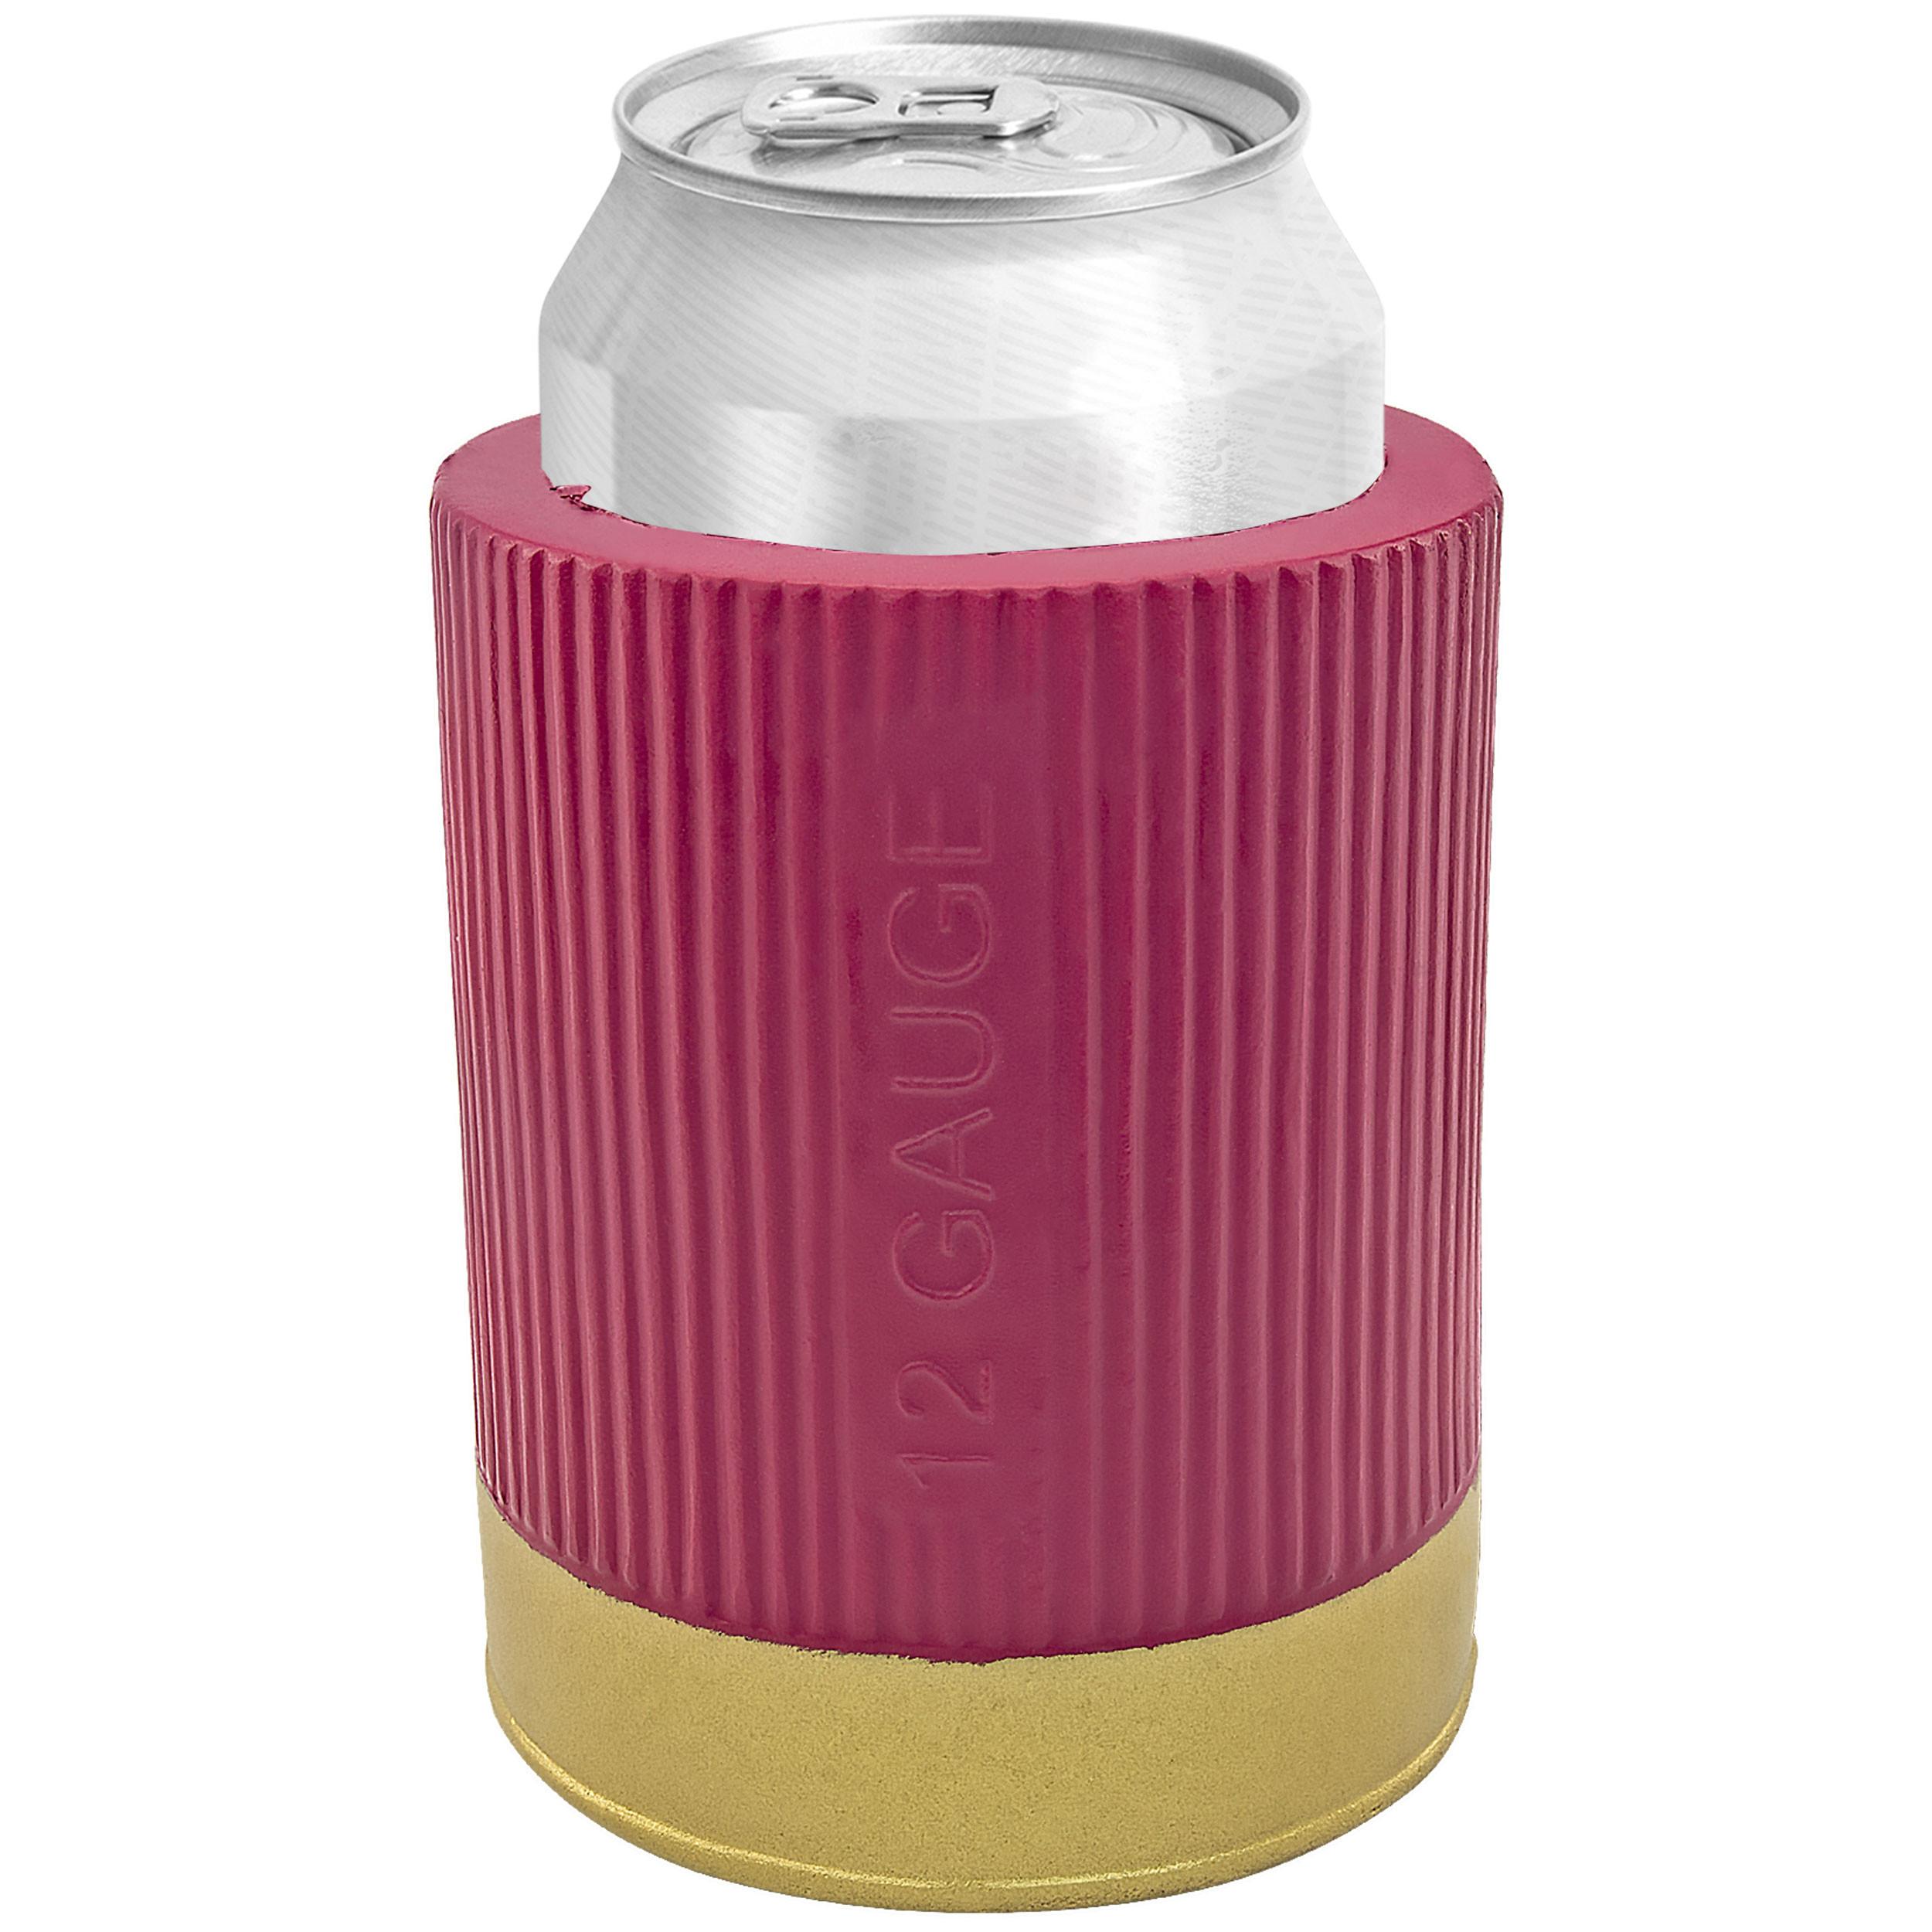 Fairly Odd Novelties FON-10220 12 Gauge Shotgun Can & Bottle Holder Funny Gun Beer Soda Gift Item, Burgundy